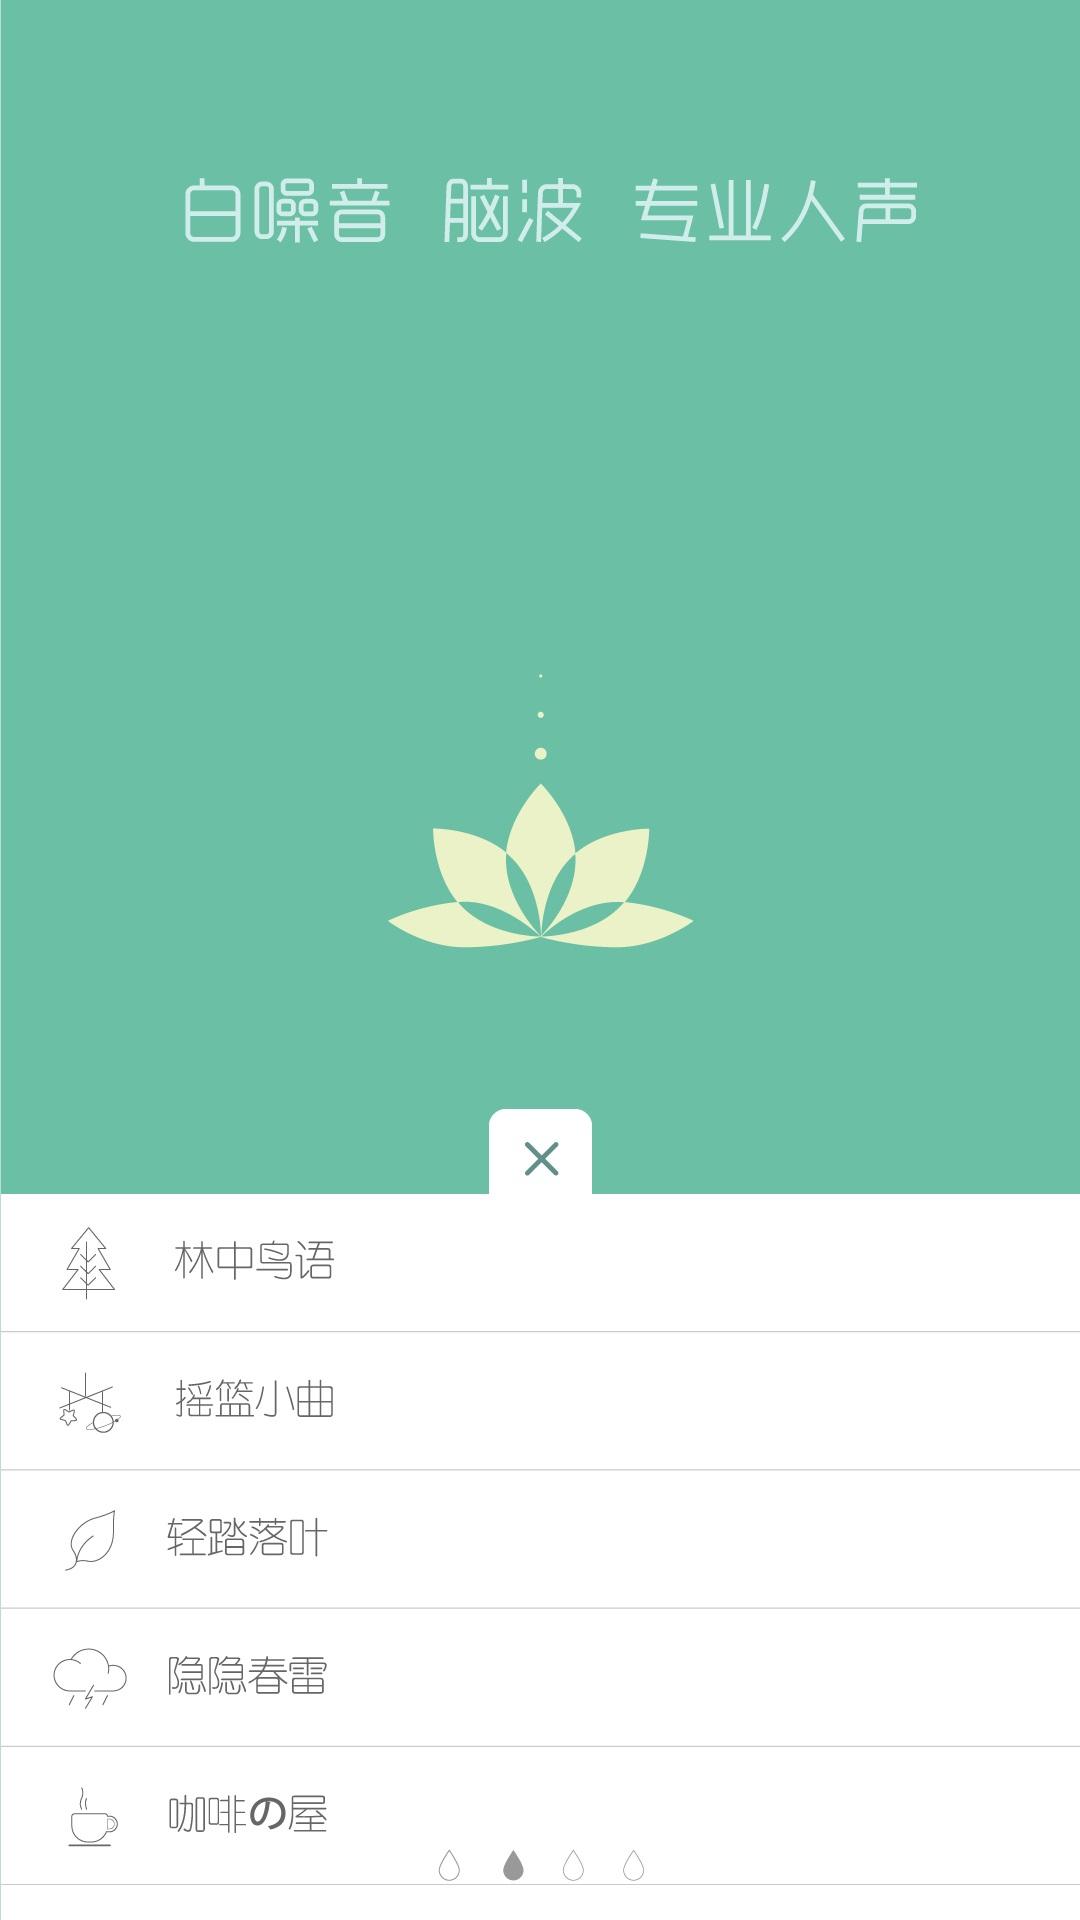 催眠睡眠放松大师app v1.7 安卓版界面图2